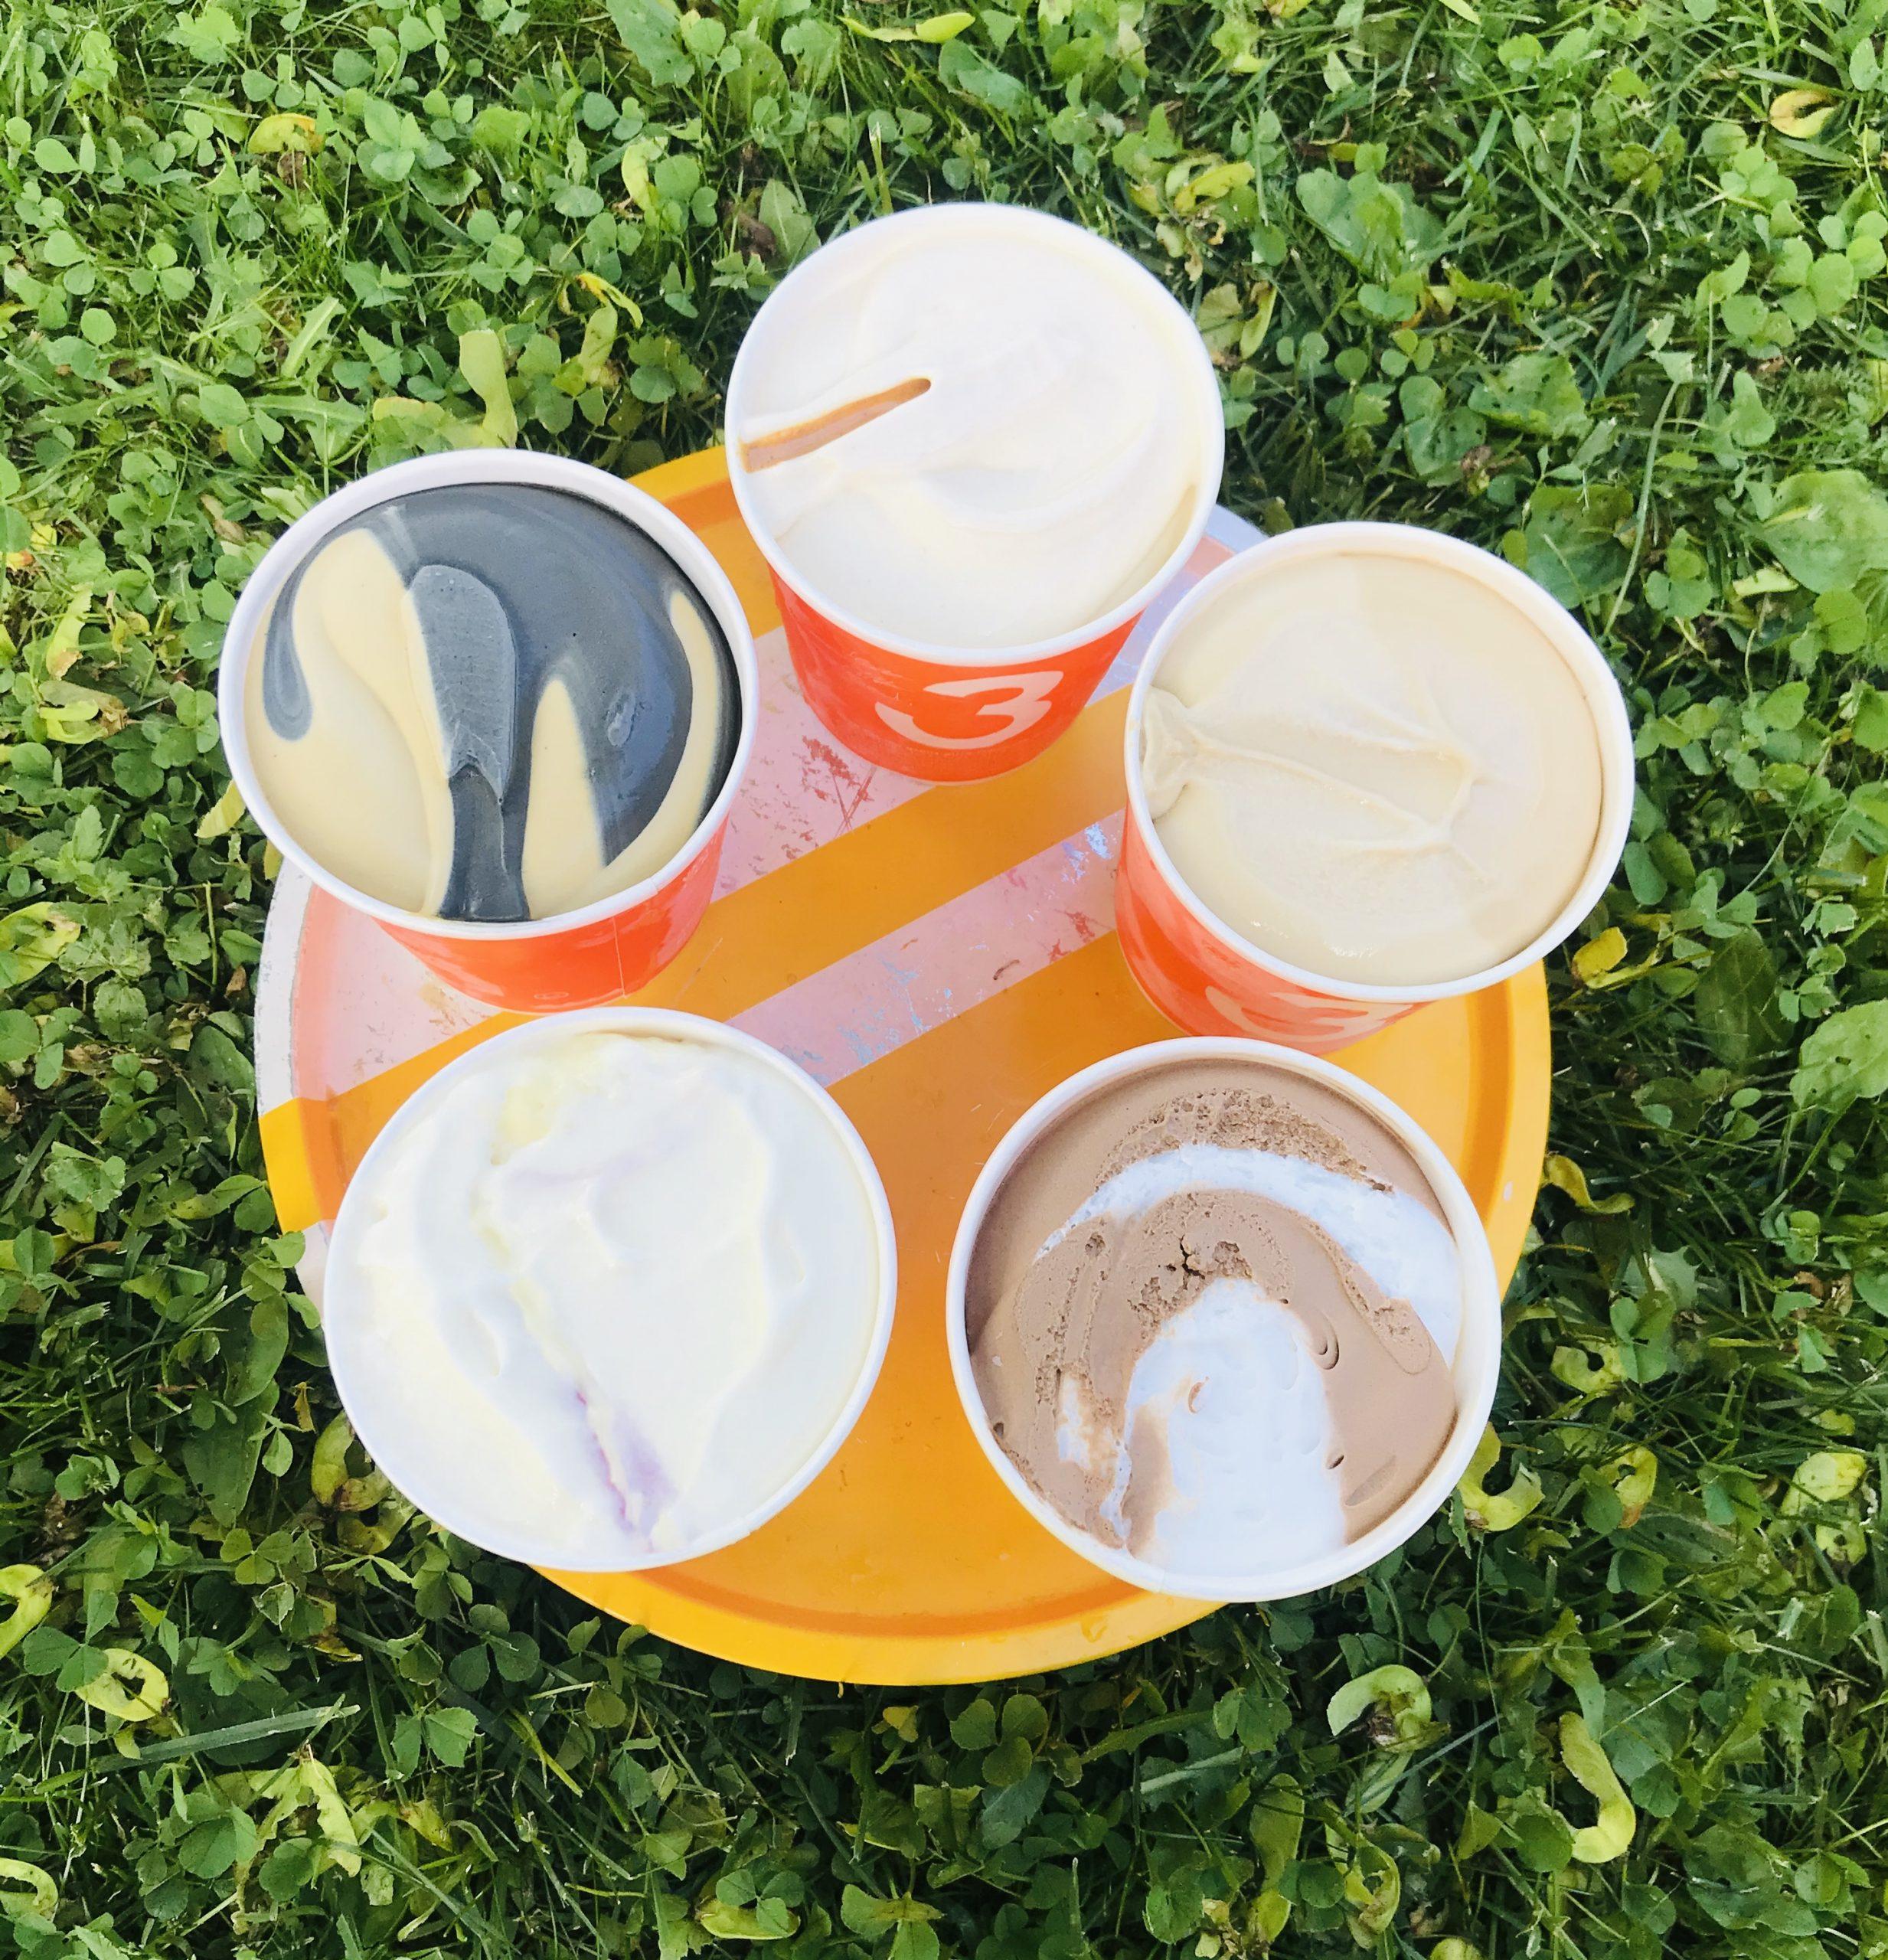 Elluyellow maistelee kotimaisia 3 kaverin jäätelöitä. Avonaiset, värikkäät pakkaukset.